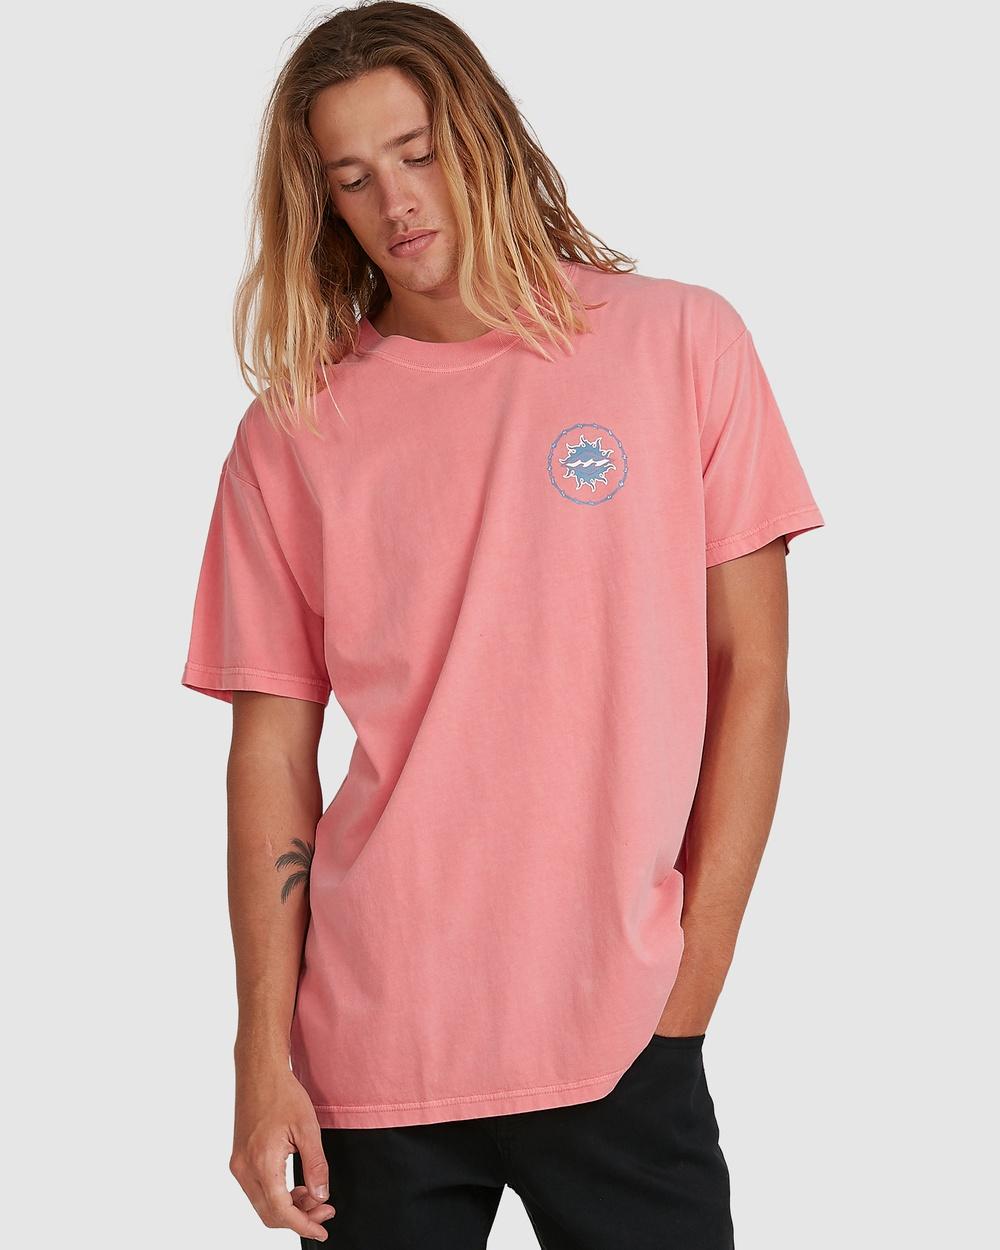 Billabong - Holey Moley Short Sleeve Tee - T-Shirts & Singlets (RETRO PINK) Holey Moley Short Sleeve Tee